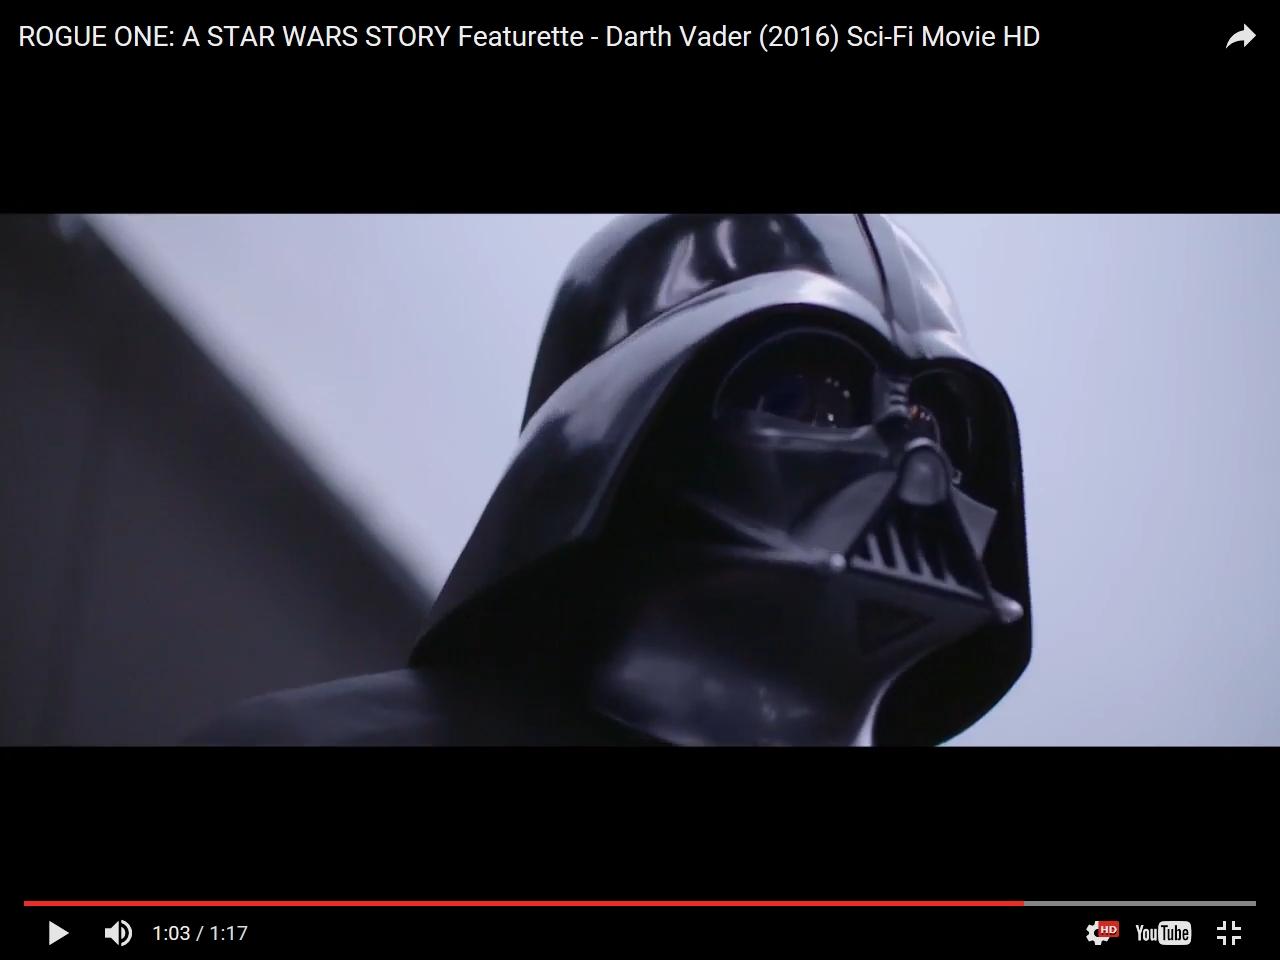 137070991_Vader1_123_35lo.jpg